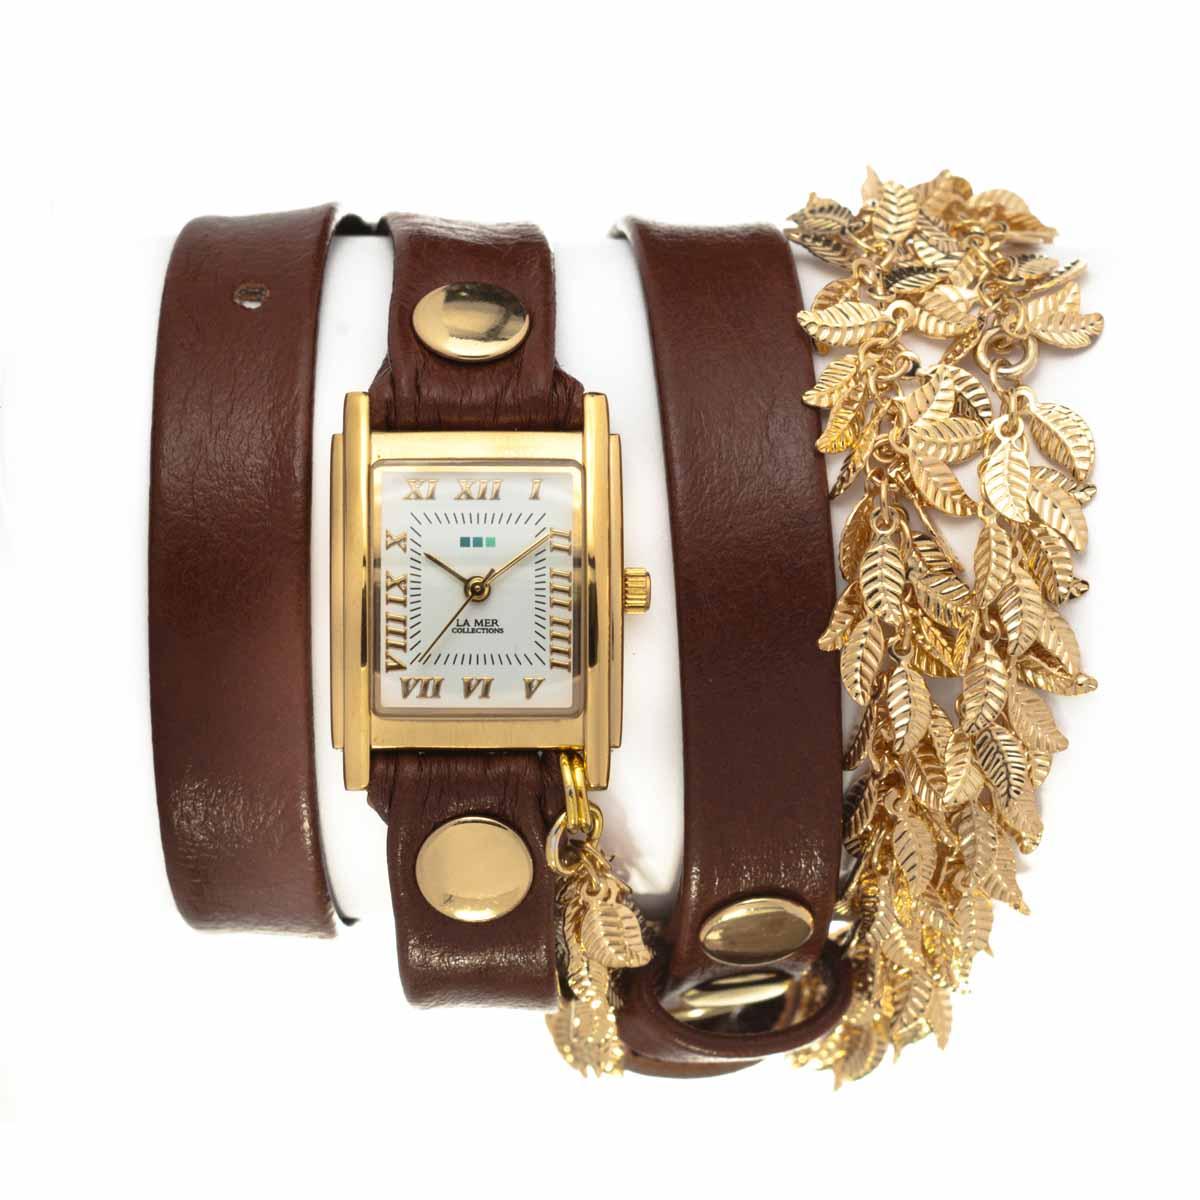 Часы наручные женские La Mer Collections Chain Multi Leaf Gold Brown. LMCW9002LMCW9002Часы оснащены японским кварцевым механизмом. Корпус прямоугольной формы выполнен из нержавеющей стали золотистого цвета. Оригинальный кожаный ремешок коричневого цвета отделан металлическими клепками и дополнен металлическими листьями. Каждая модель женских наручных часов La Mer Collections имеет эксклюзивный дизайн, в основу которого положено необычное сочетание классических циферблатов с удлиненными кожаными ремешками. Оборачиваясь вокруг запястья несколько раз, они образуют эффект кожаного браслета, превращая часы в женственный аксессуар, который великолепно дополнит другие аксессуары и весь образ в целом. Дизайн La Mer Collections отвечает всем последним тенденциям моды и превосходно сочетается с модными сумками, ремнями, обувью и другими элементами гардероба современных девушек. Часы La Mer - это еще и отличный подарок любимой девушке, сестре или подруге на день рождения, восьмое марта или новый год!